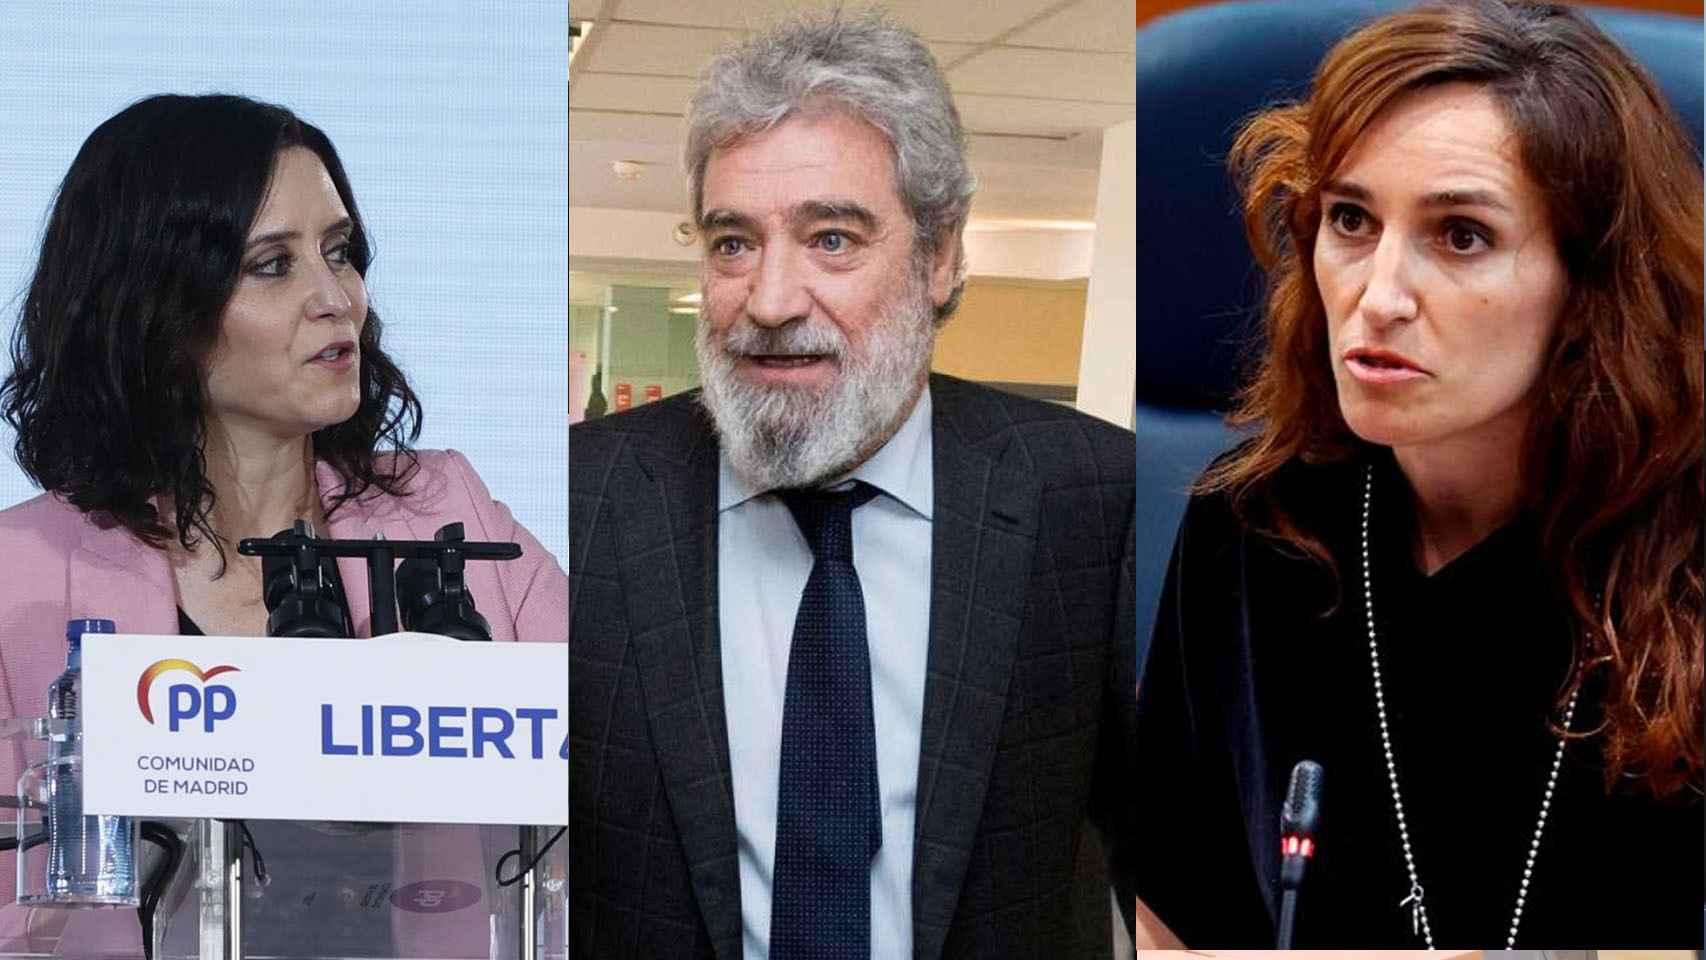 Los ganadores del 4-M: del éxito arrollador de Ayuso al hueco que Más Madrid le ganaal PSOE